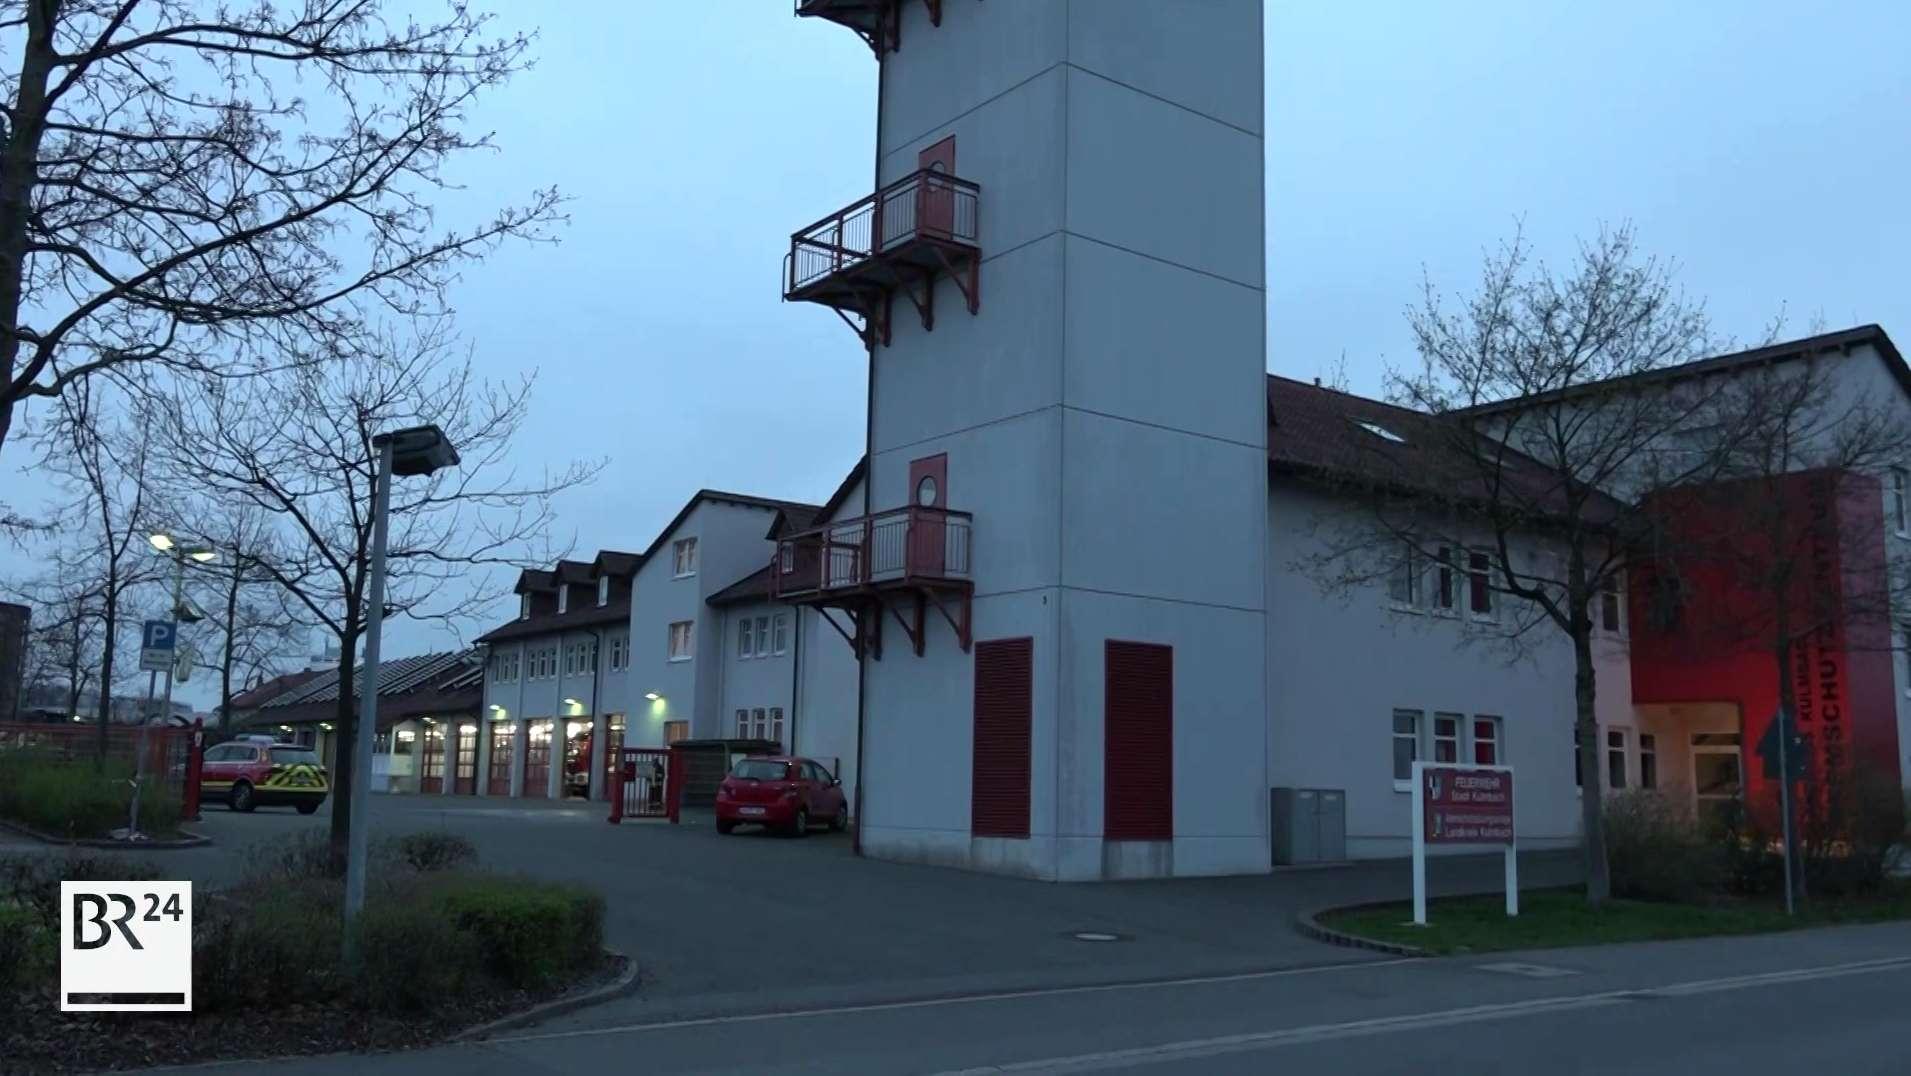 Feuerwehrhaus in Kulmbach